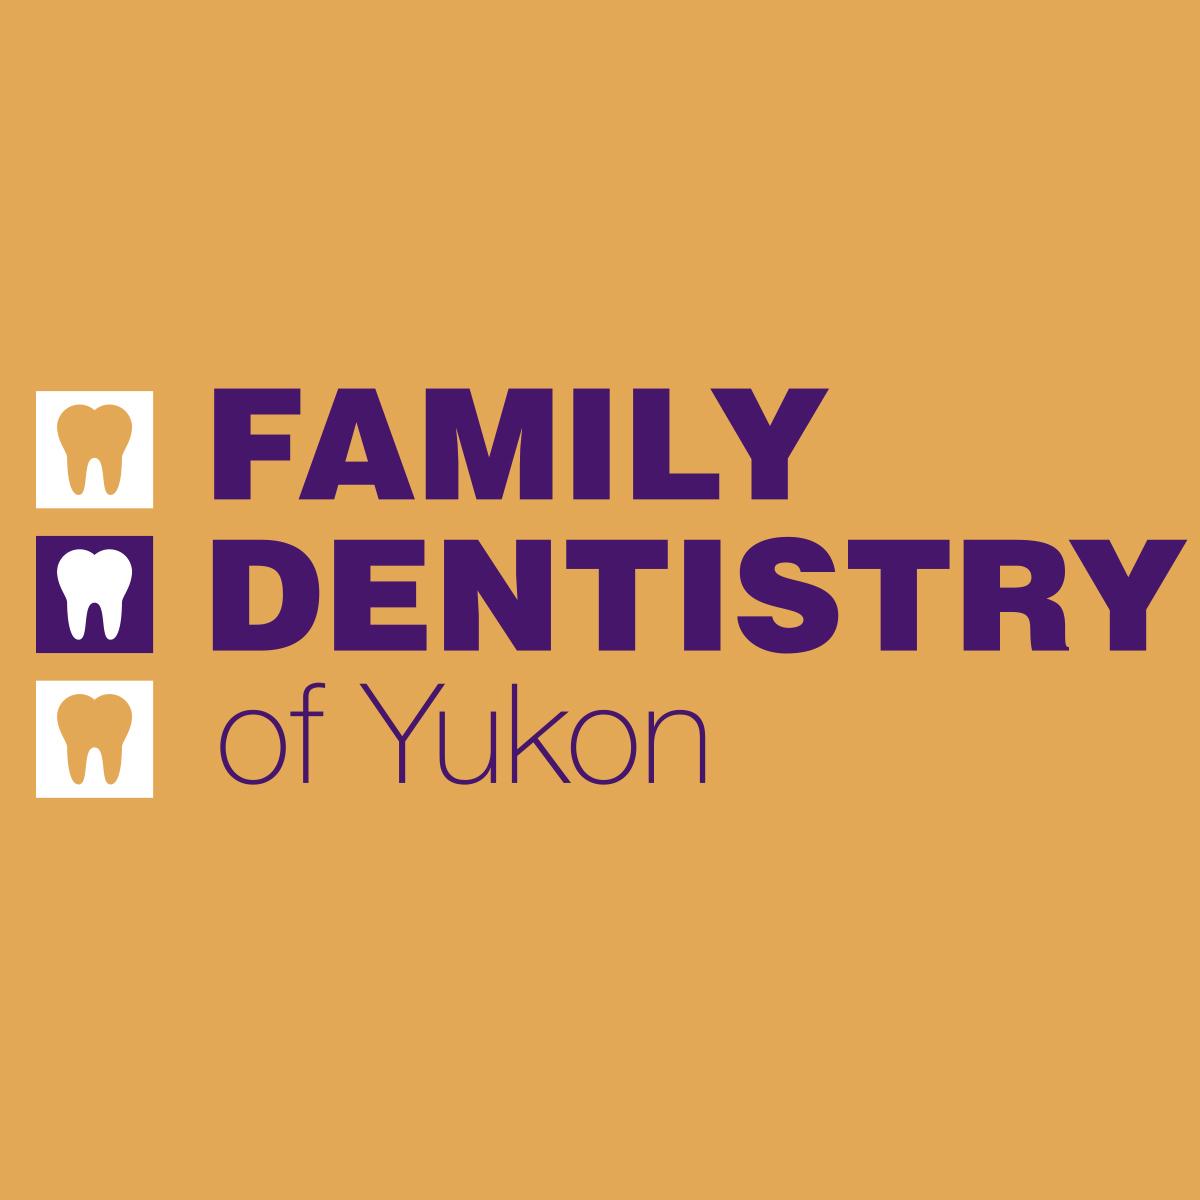 Family Dentistry of Yukon